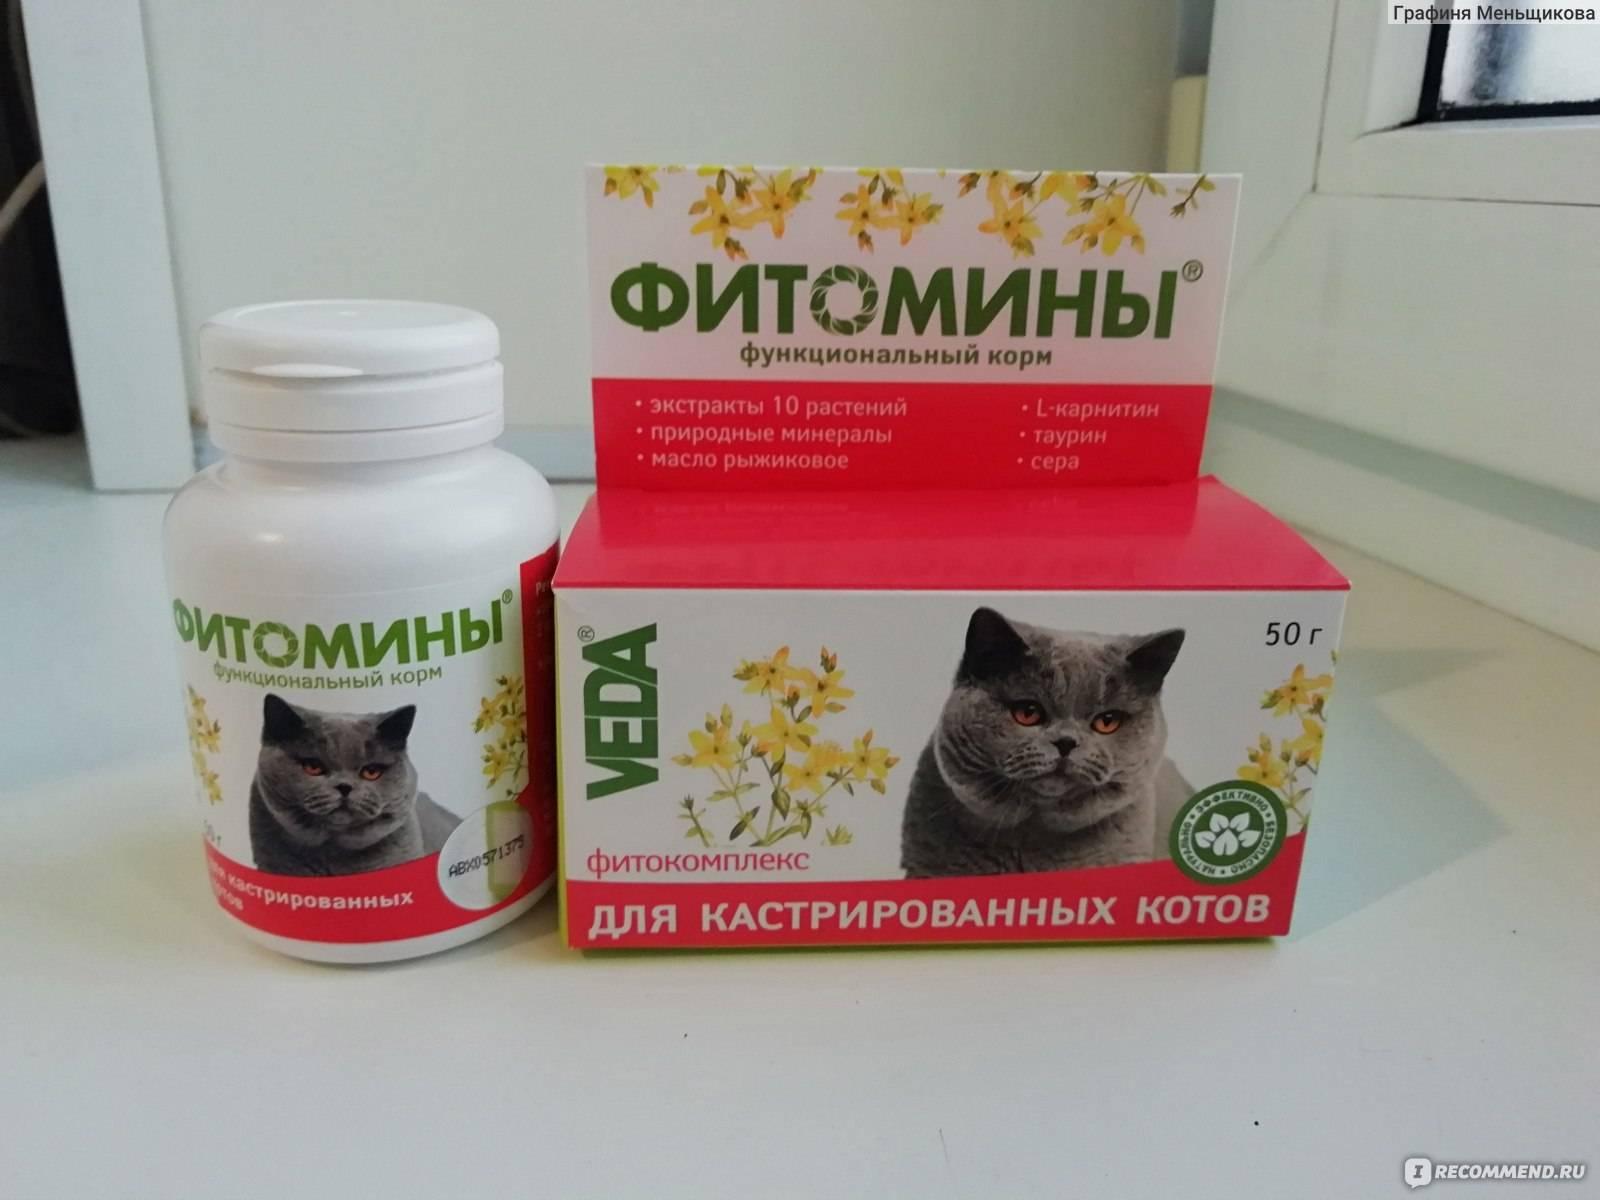 Витамины для котят – какие лучше для здоровья питомца: обзор популярных марок, состав